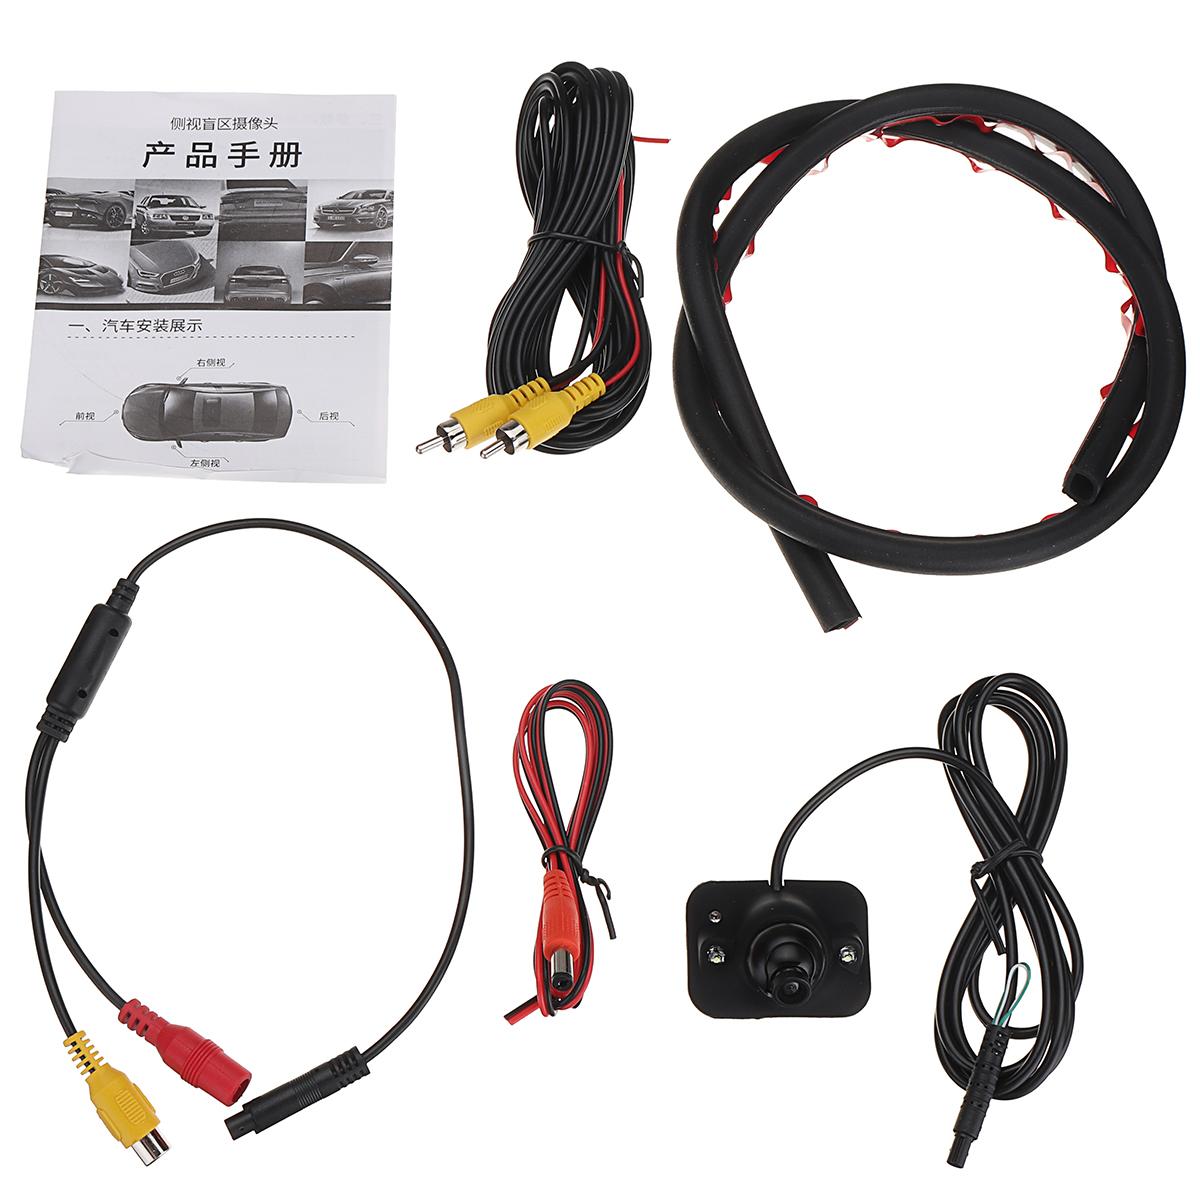 170° CMOS Car Rear View Camera Reverse Backup Parking Camera Waterproof HD Night Vision